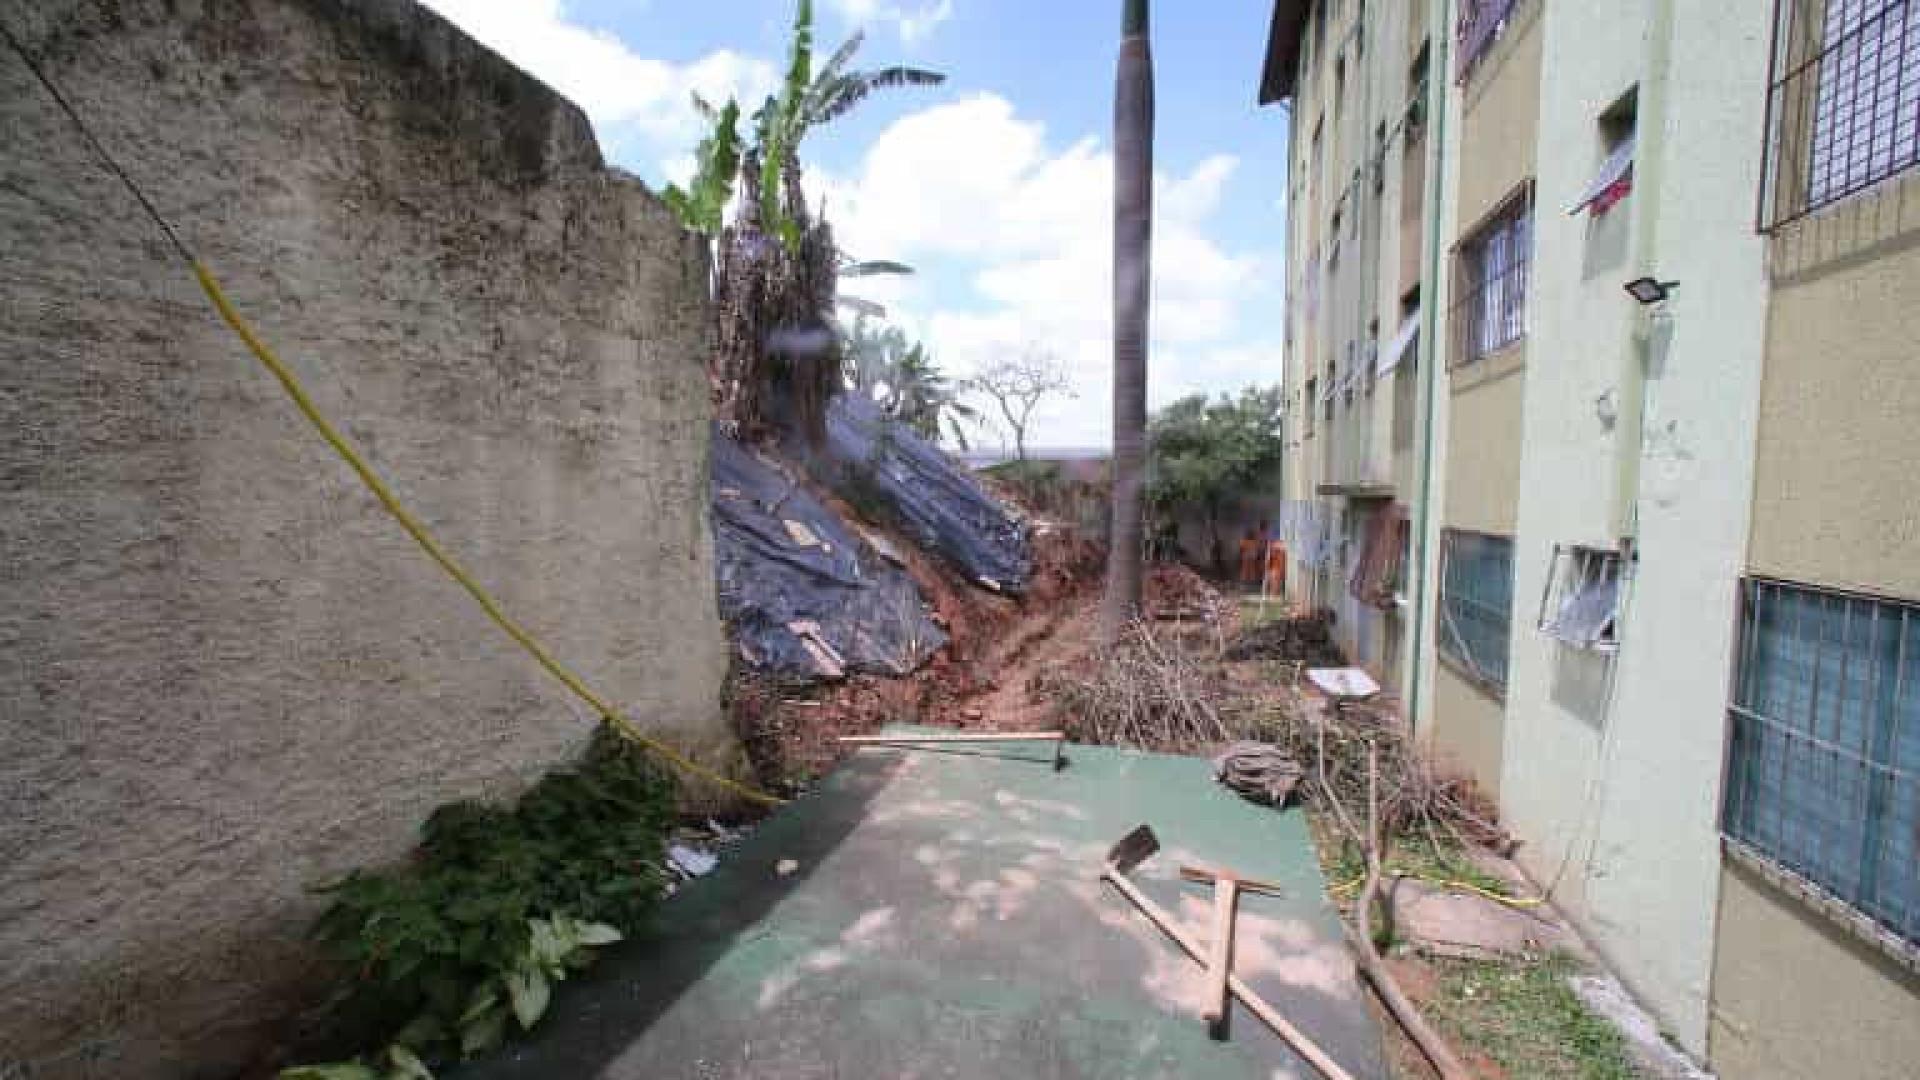 Muro da prefeitura cai na zona norte de SP e ameaça condomínio